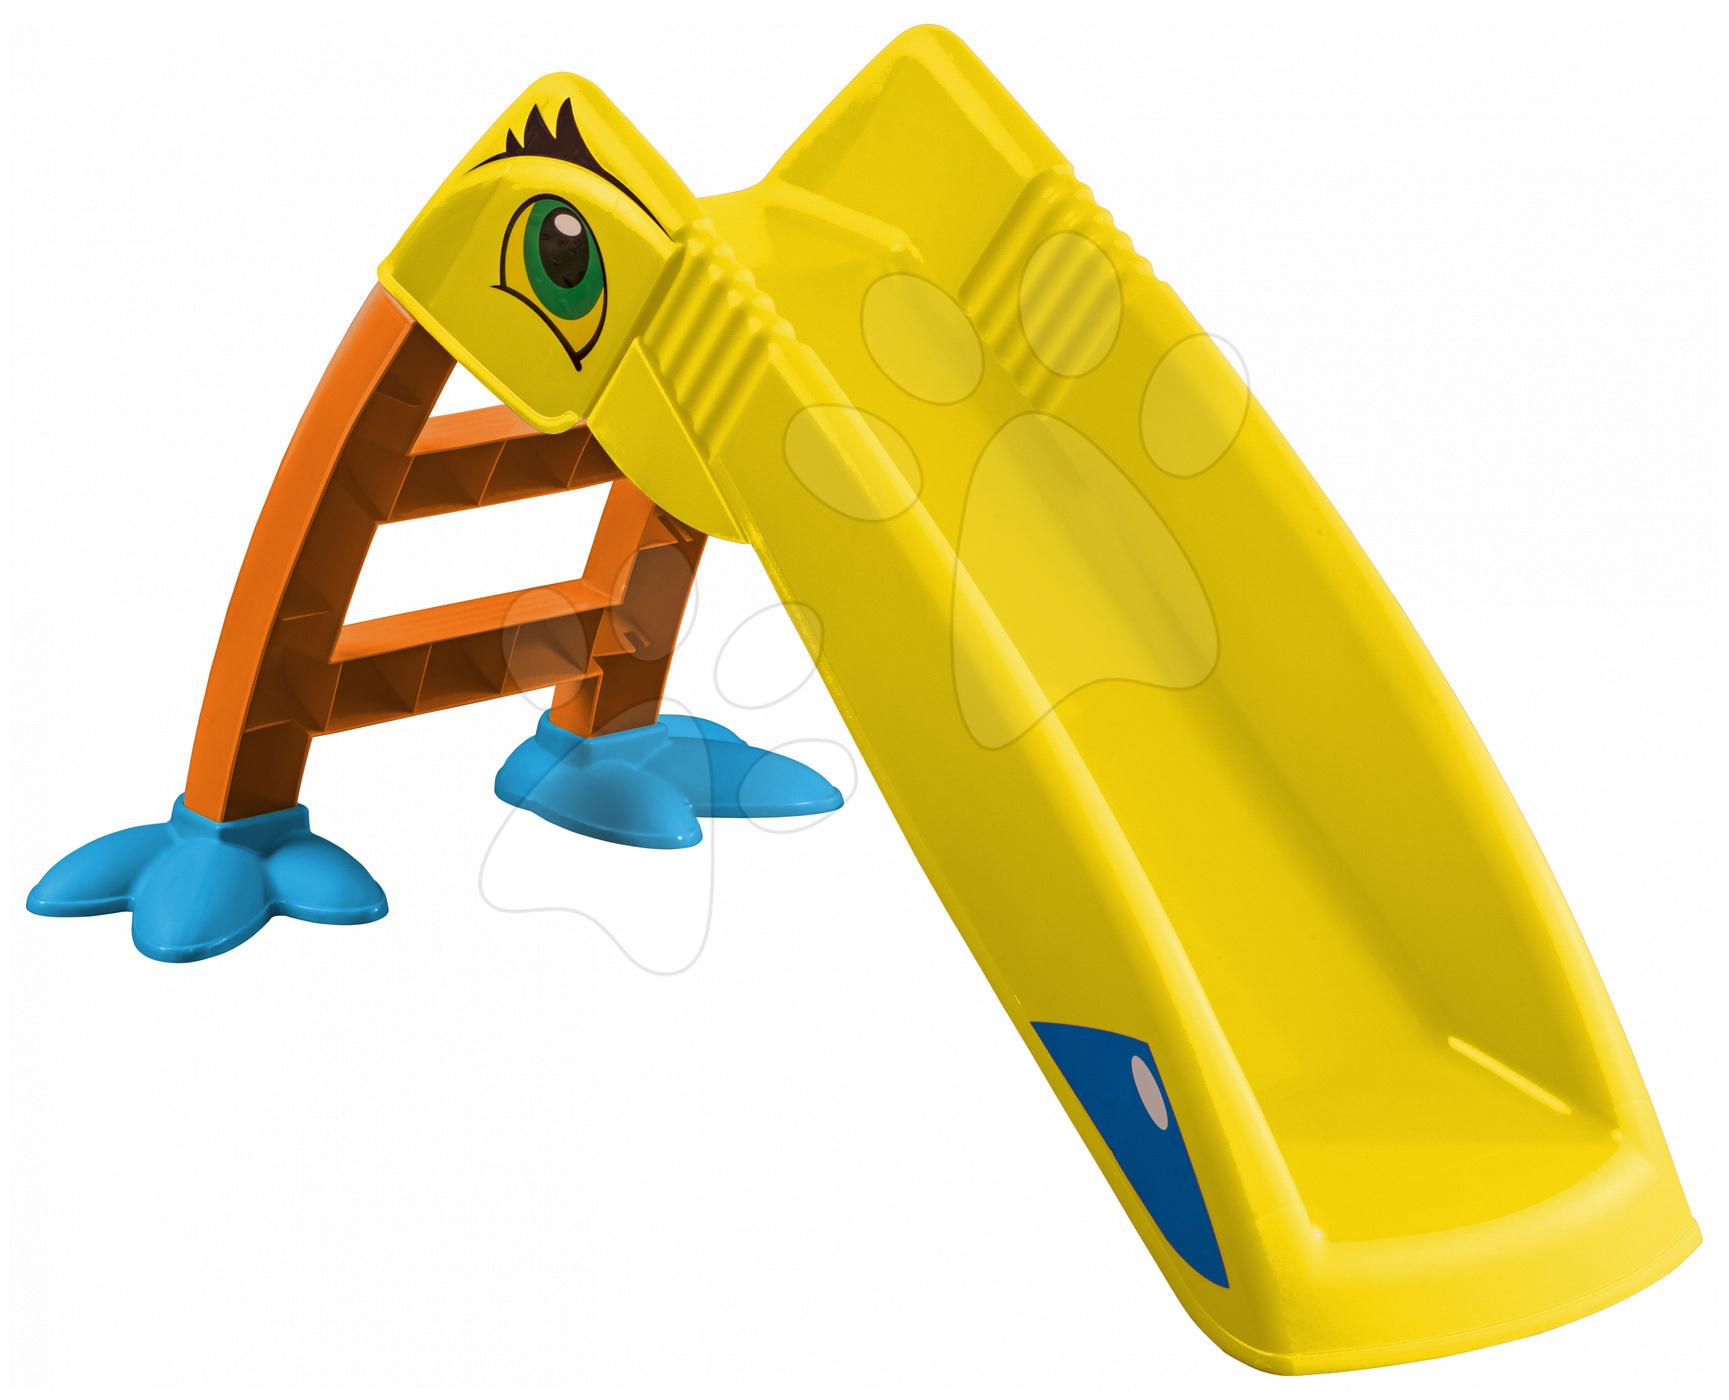 Skluzavky pro děti - Skluzavka Papoušek PalPlay délka70 cm žluto-zelená od 24 měsíců